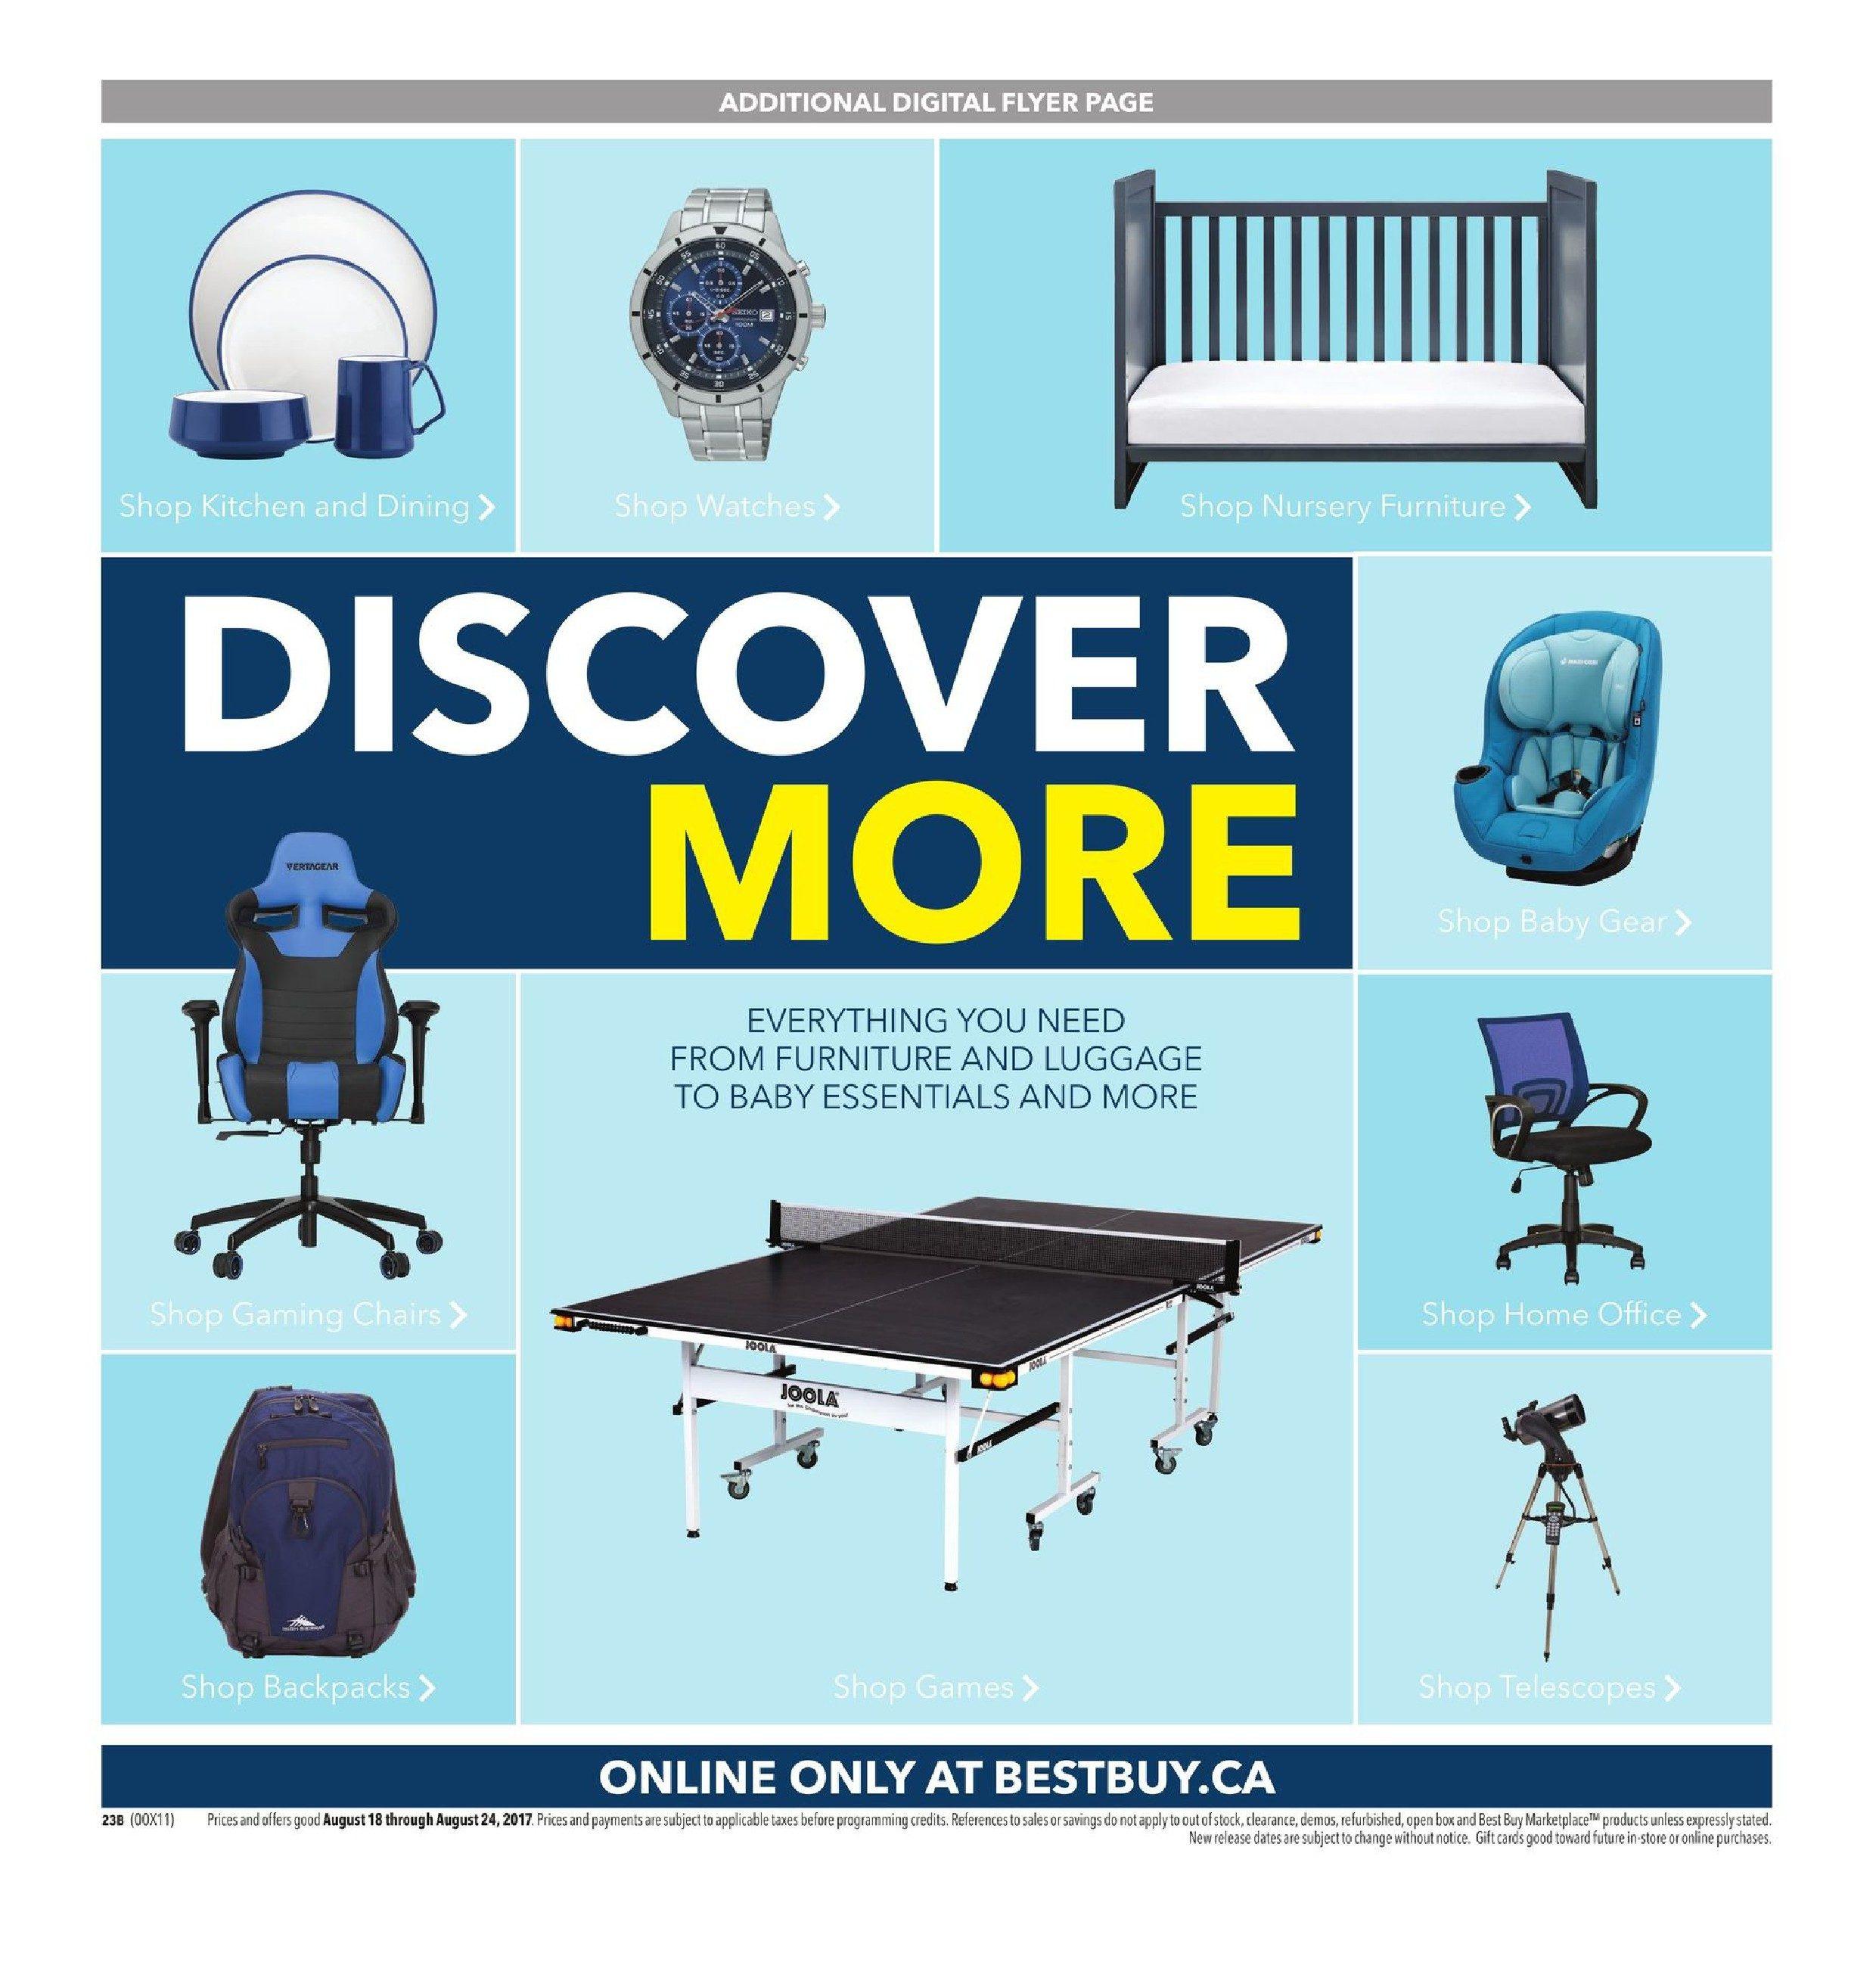 best buy weekly flyer weekly back to school savings aug 18 rh redflagdeals com